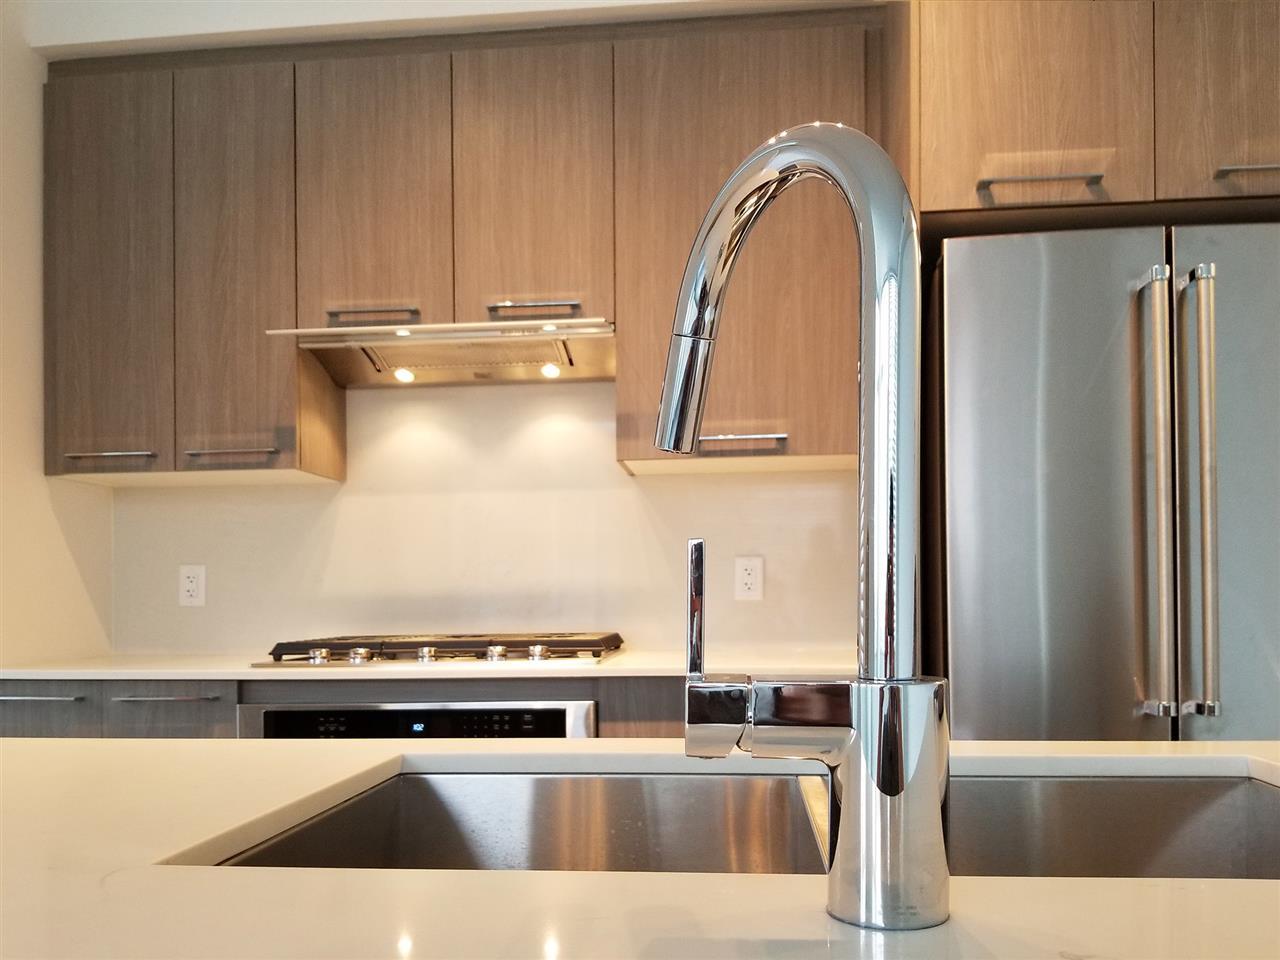 Condo Apartment at 901 7688 ALDERBRIDGE WAY, Unit 901, Richmond, British Columbia. Image 3